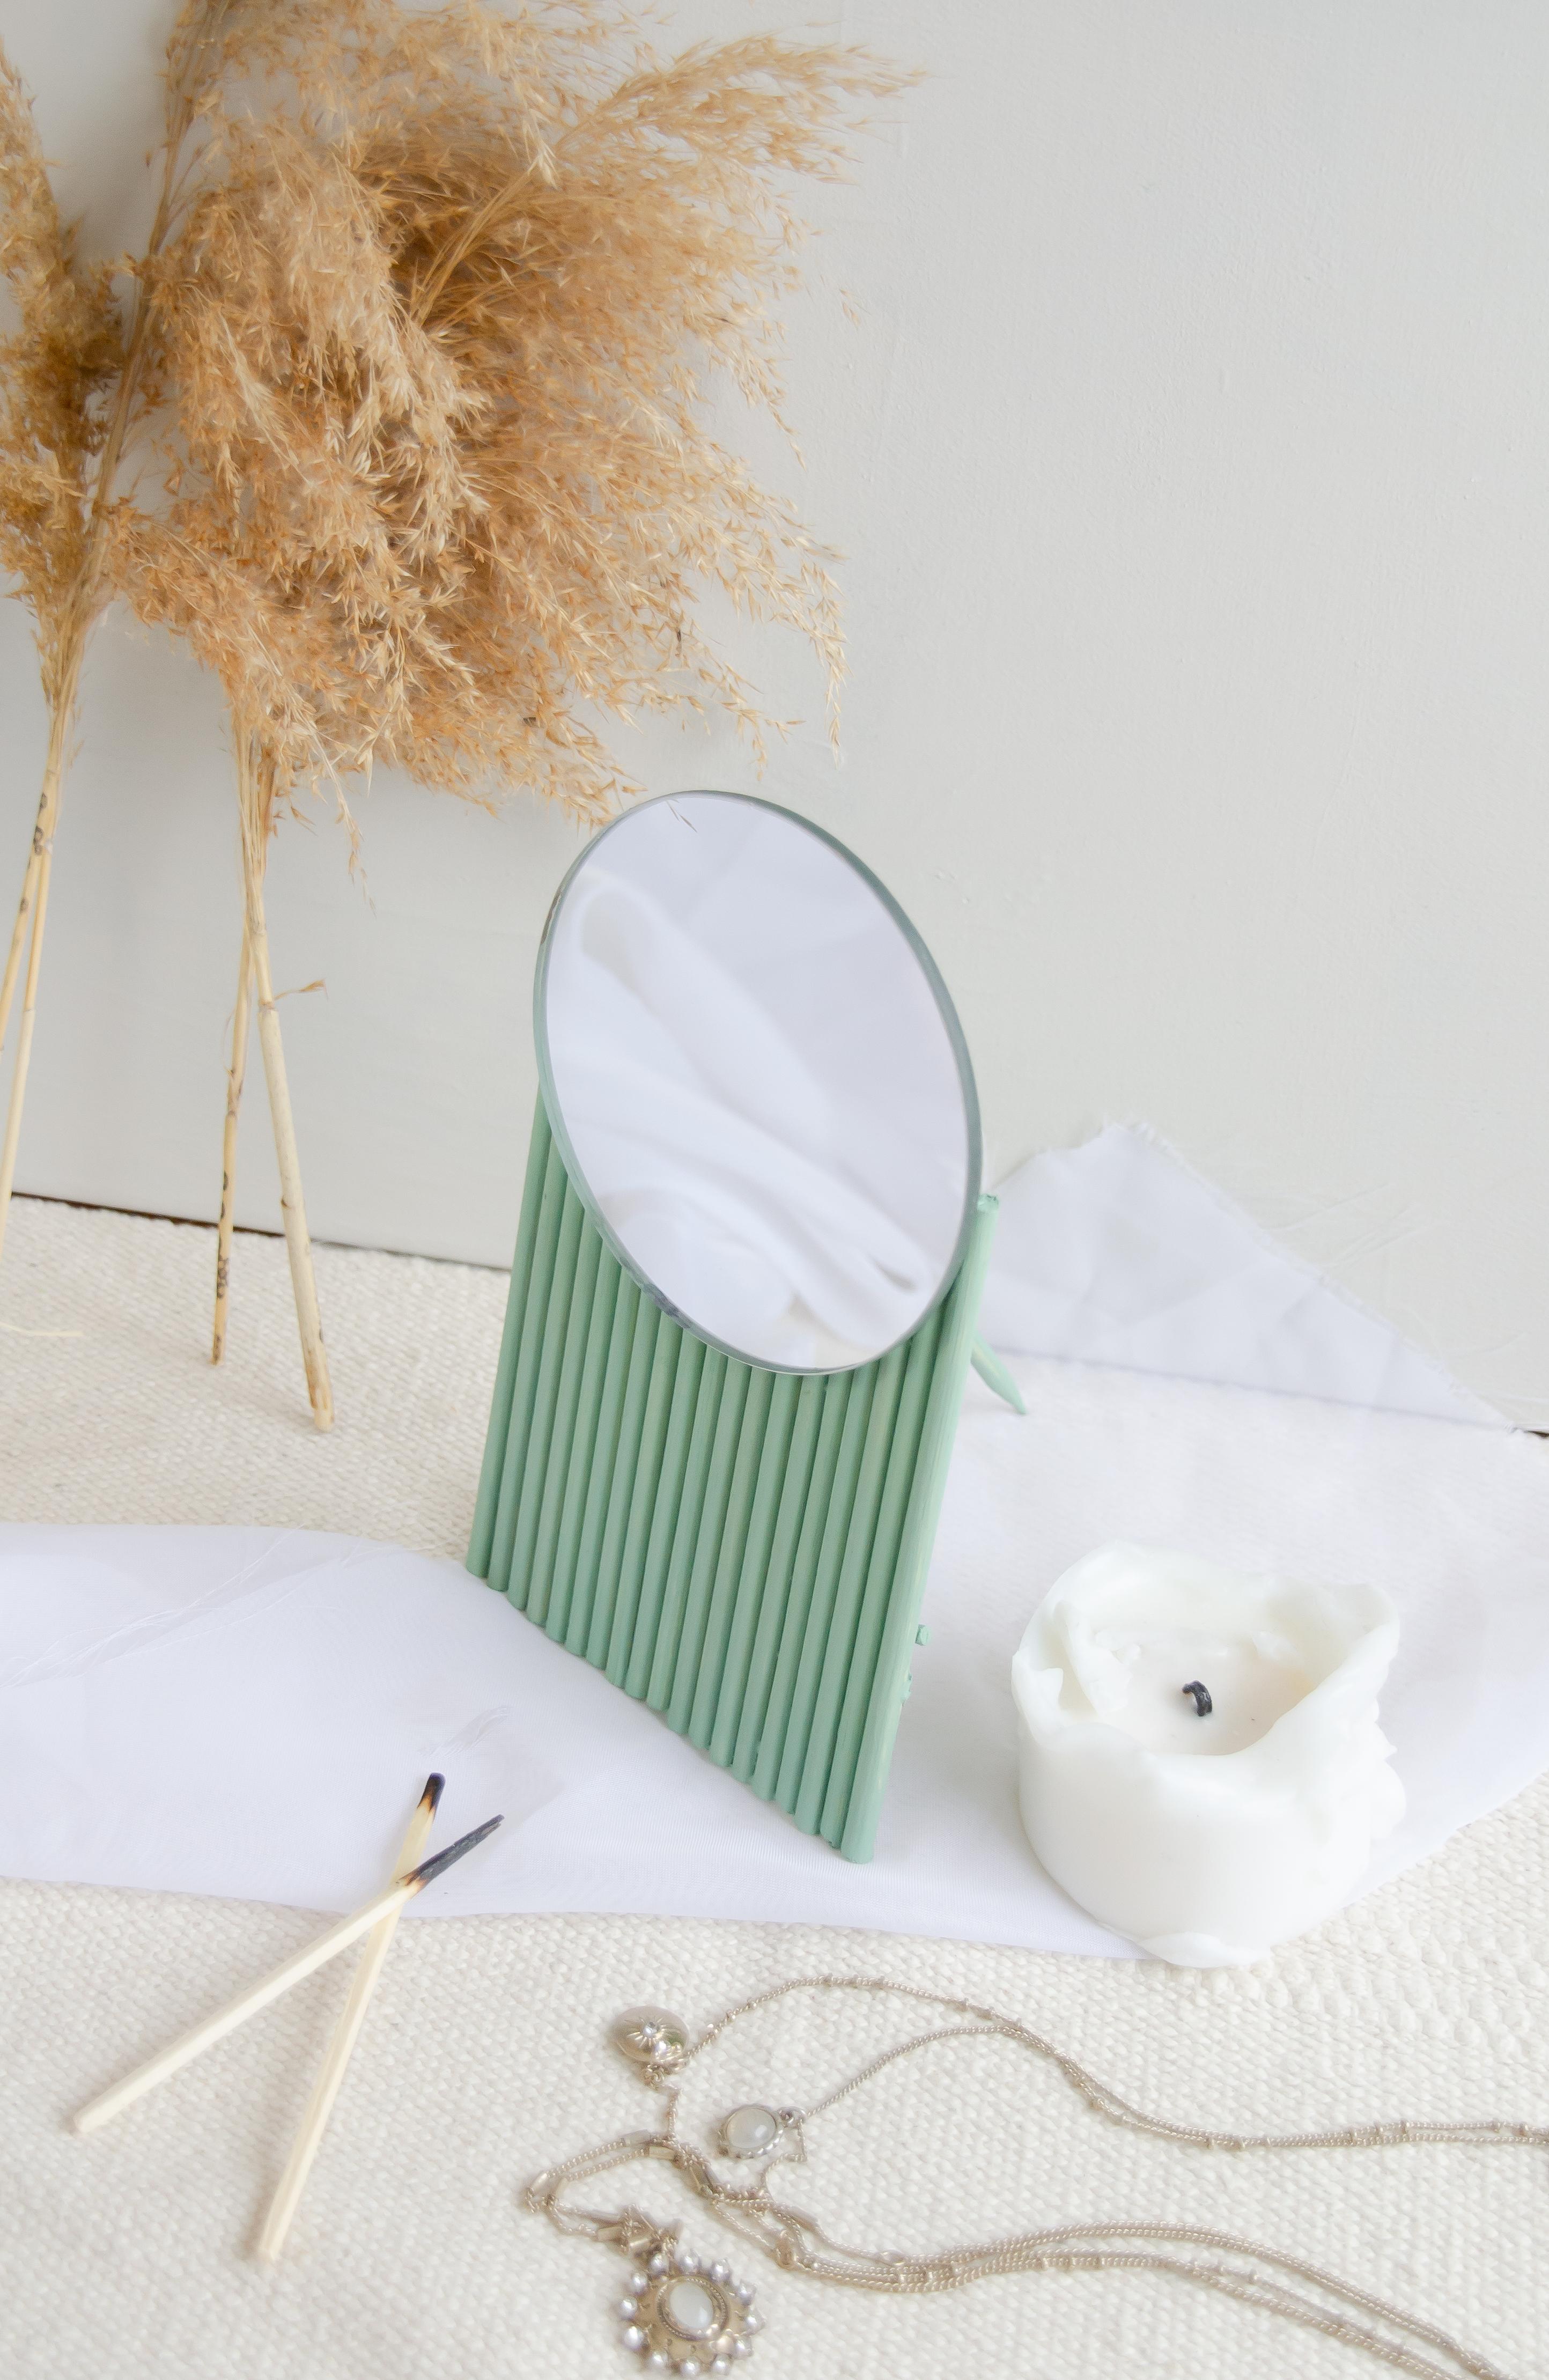 DIY Spiegel: Moderner Spiegel auf grünen Rundhölzern mit Halbkreis Form DIY Blog Anleitung